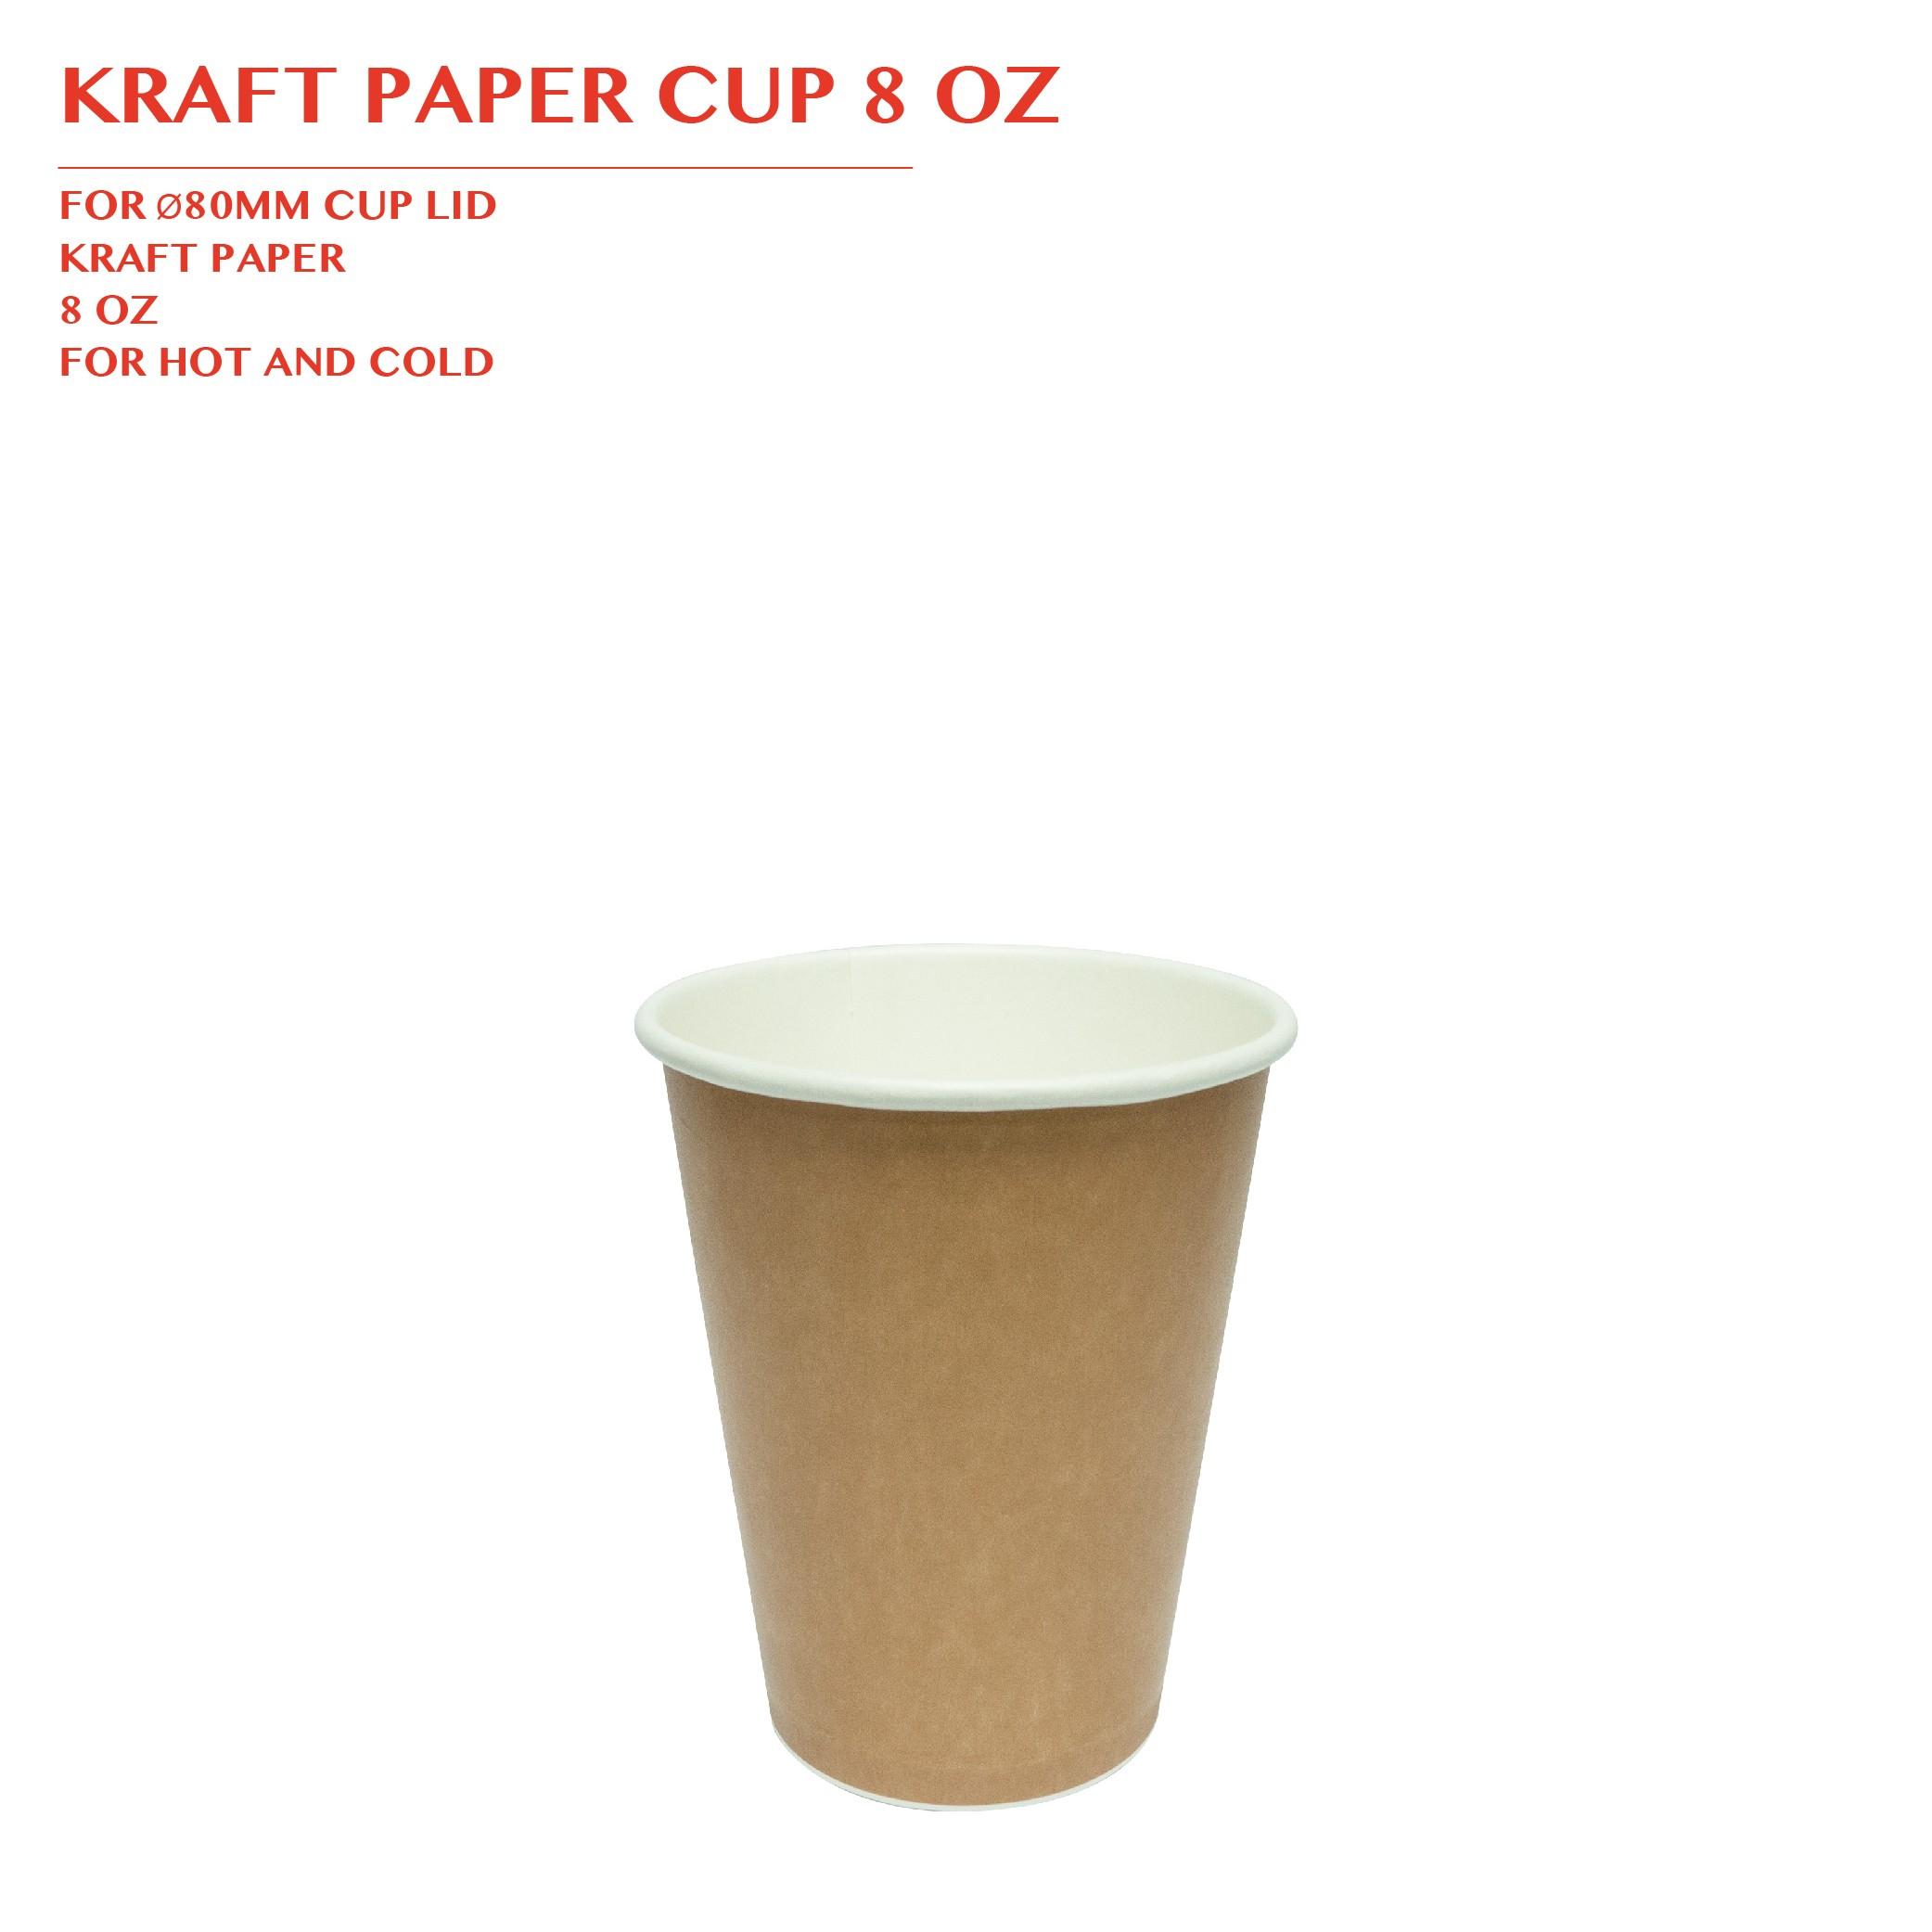 PRE-ORDER KRAFT PAPER CUP 8 OZ 1000PCS/CTN